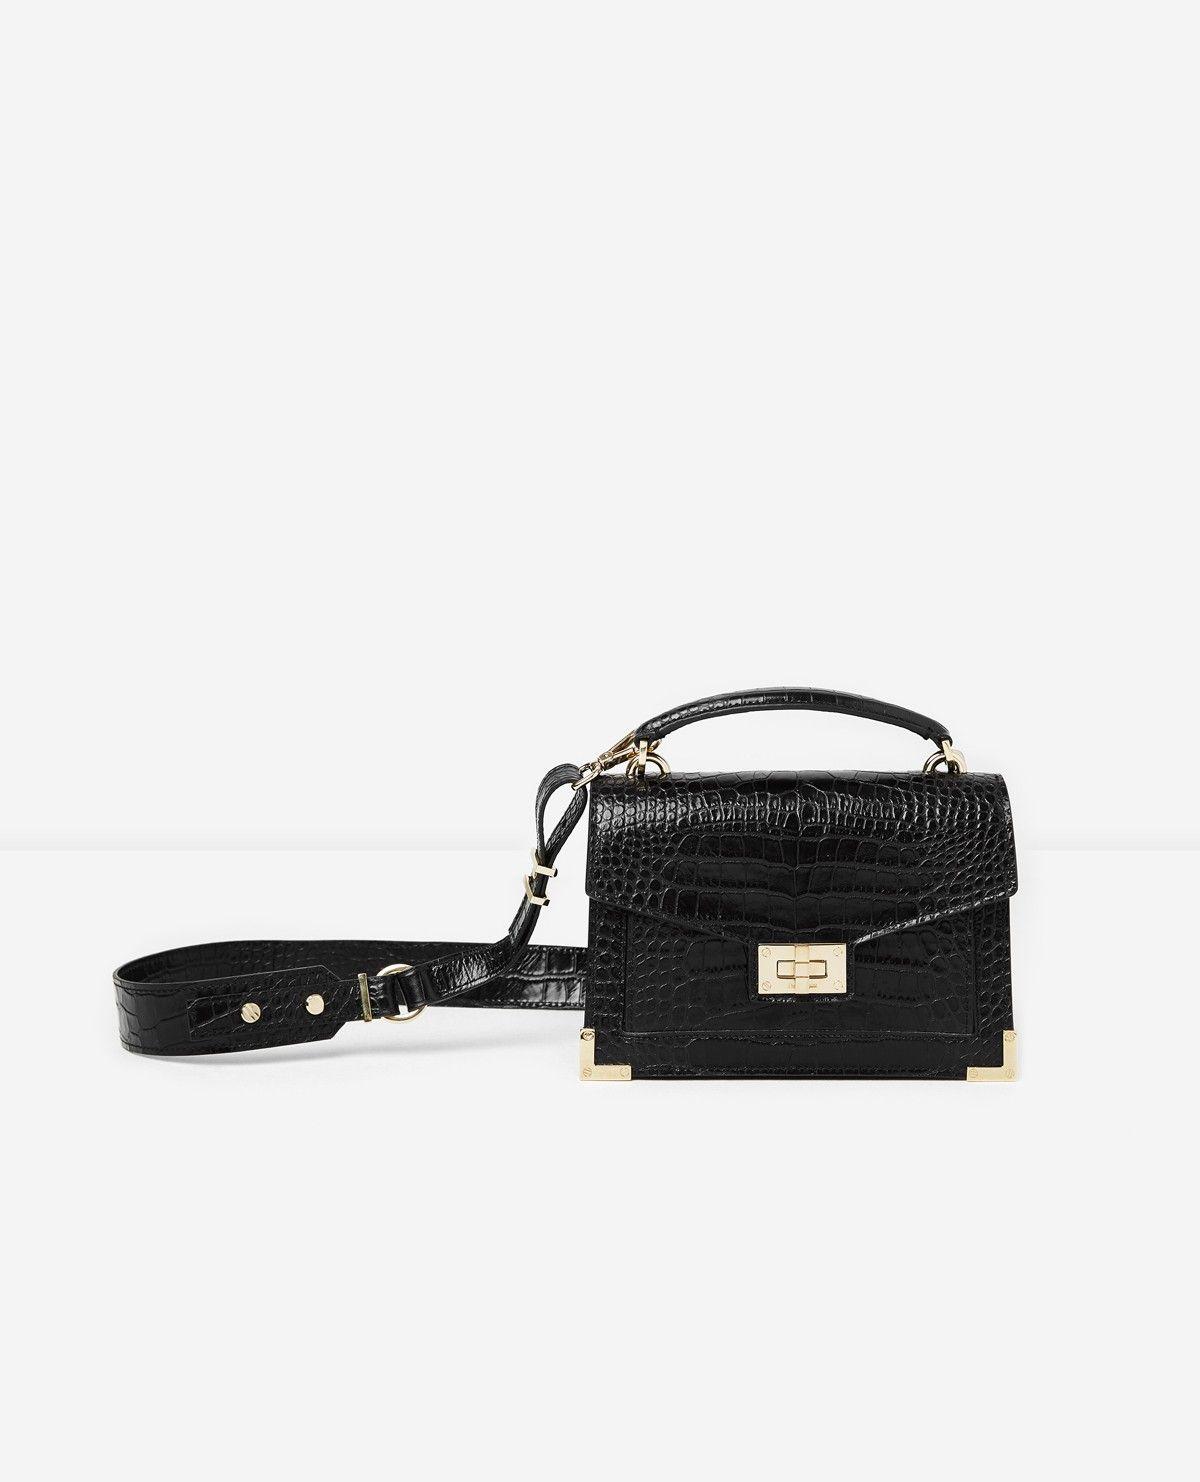 Sac Emily mini noir façon crocodile   accessoires , bijoux sacs ... b73718d0d7d